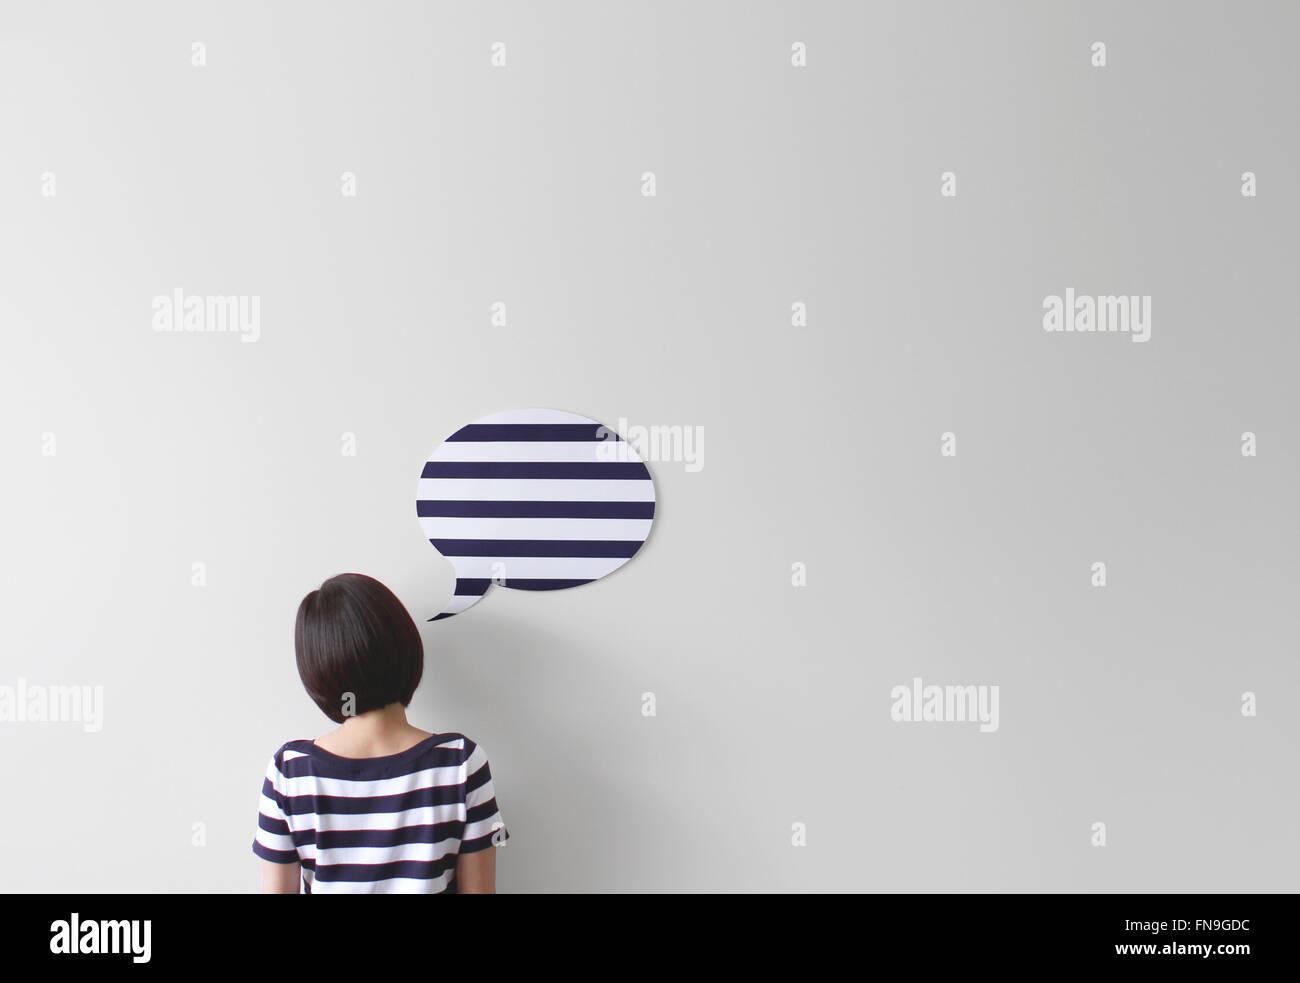 Vista trasera de una mujer en la parte superior con una stripey stripey burbujas de voz Imagen De Stock